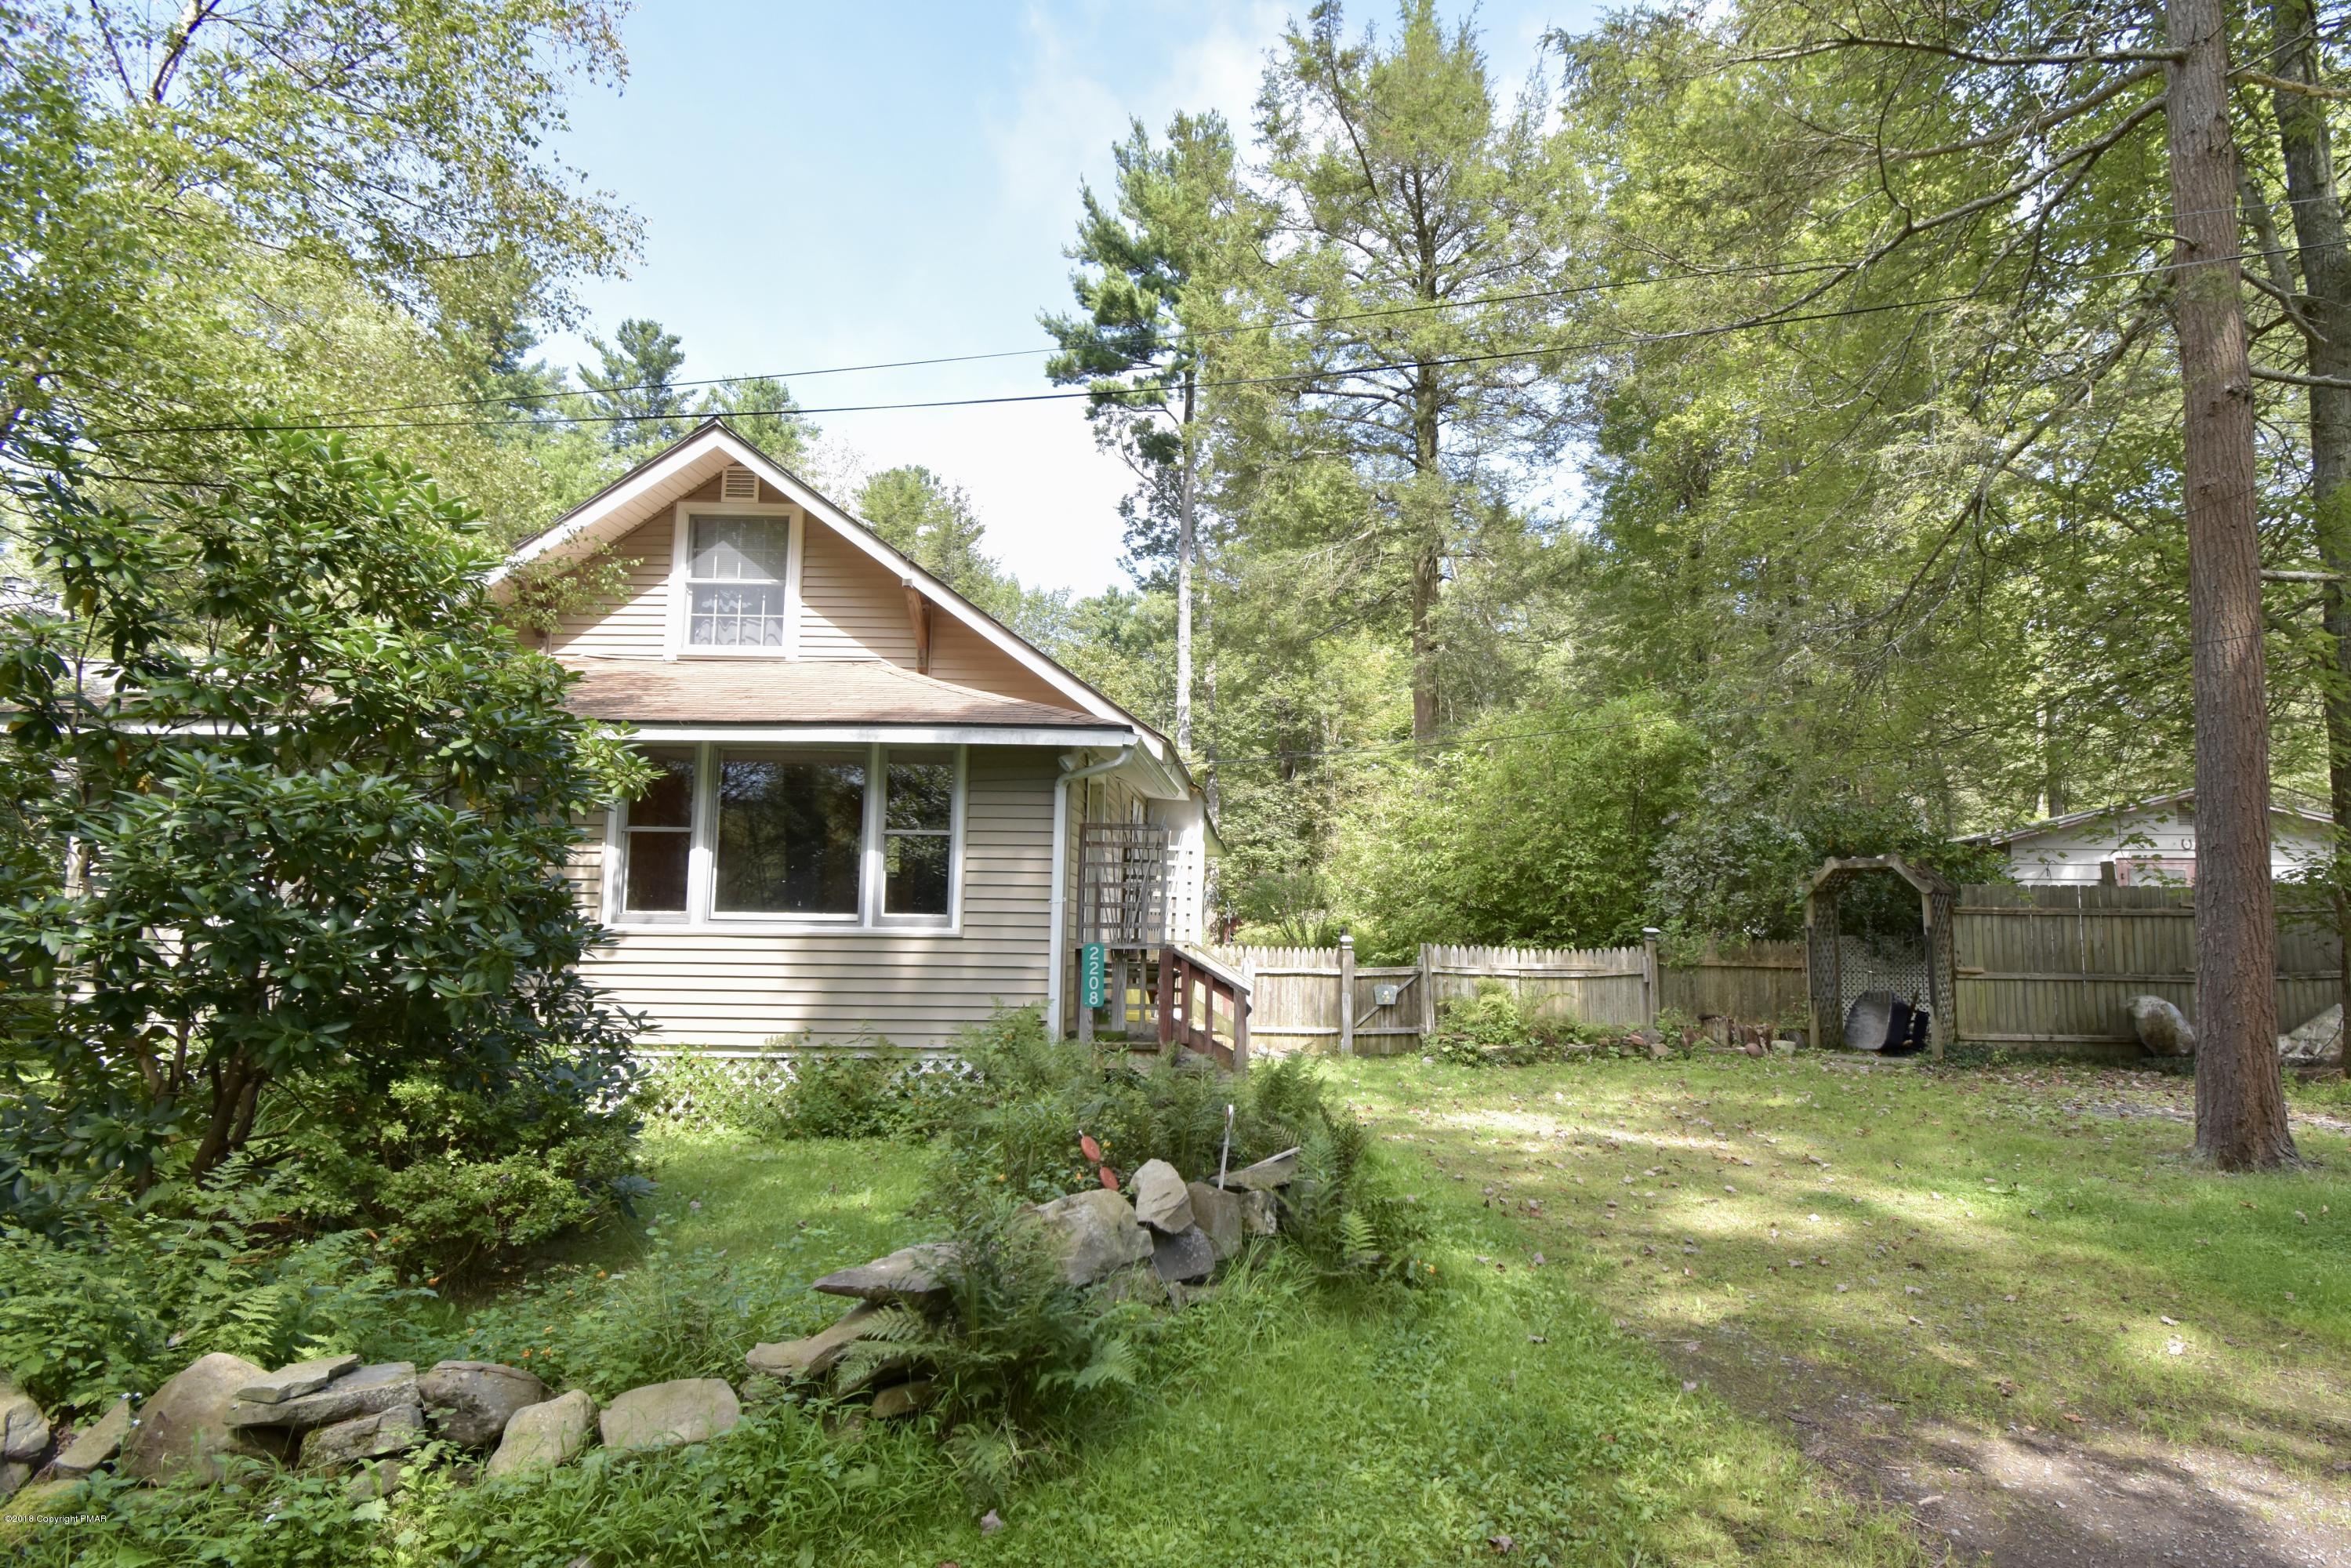 2208 Abby Rd, Pocono Pines, PA 18350